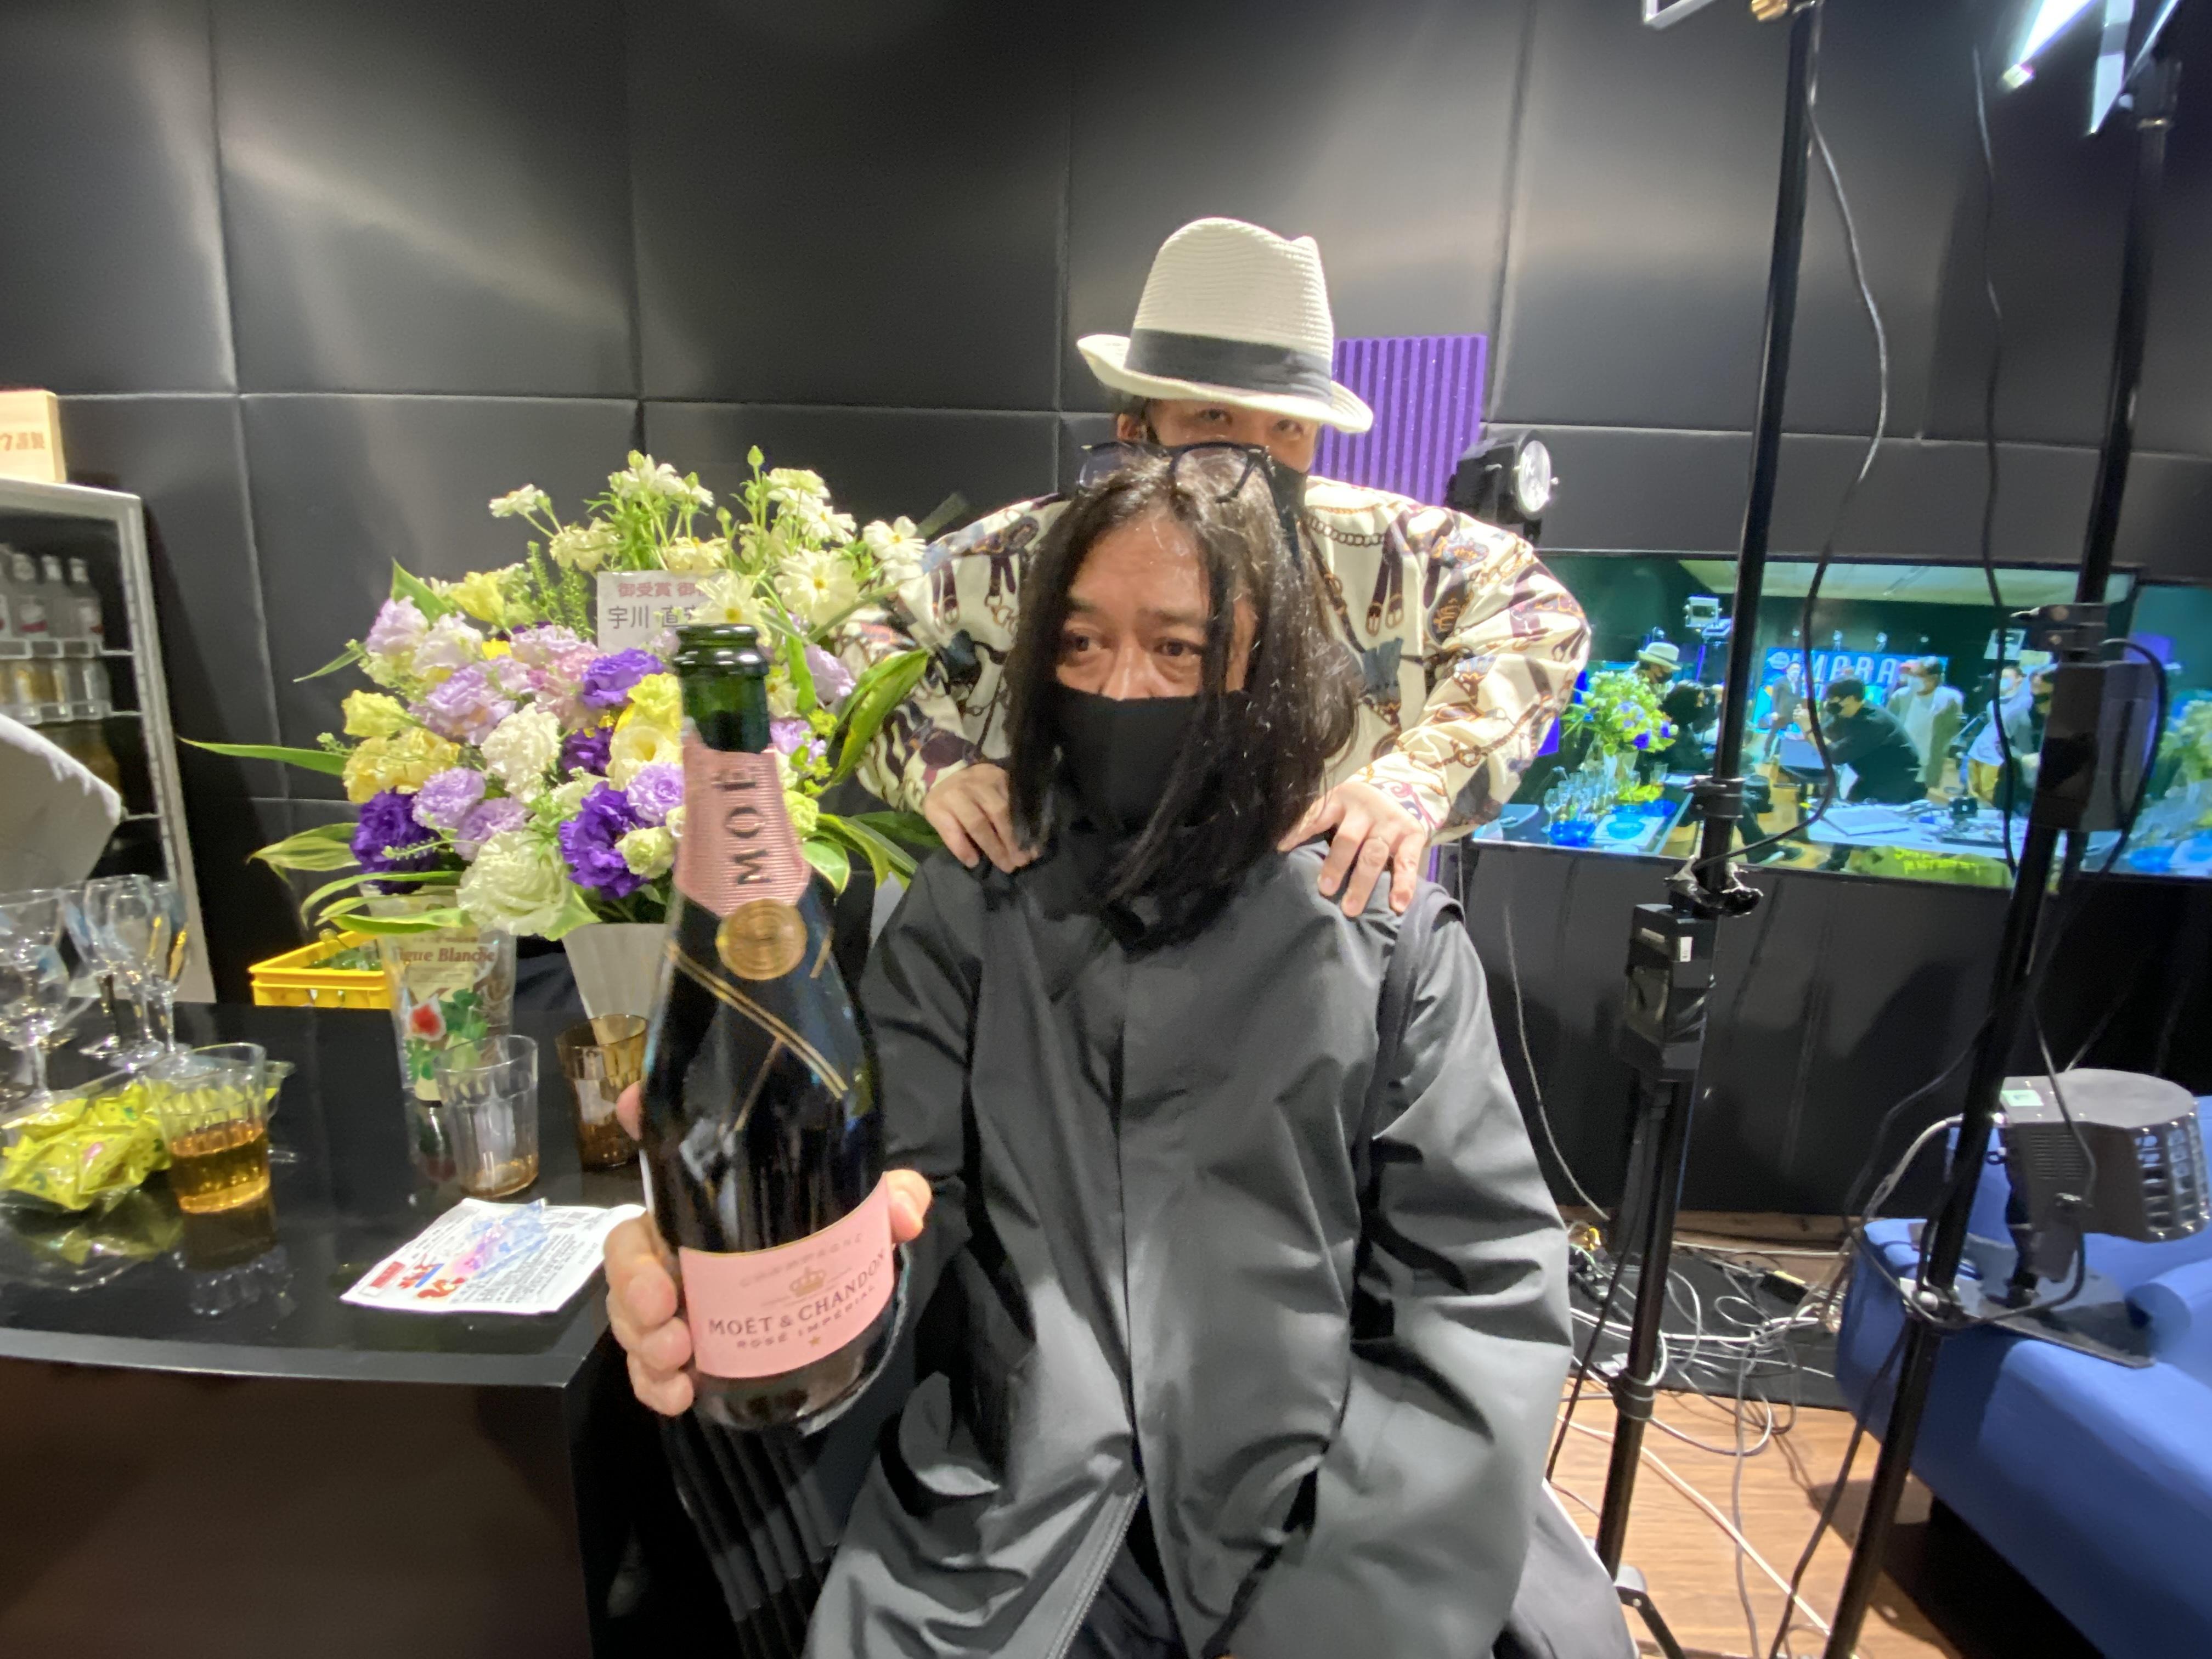 宇川先生に肩を揉ませるアレな齋藤久師。しかも宇川氏に与えられたピンクモエをガブ飲み。